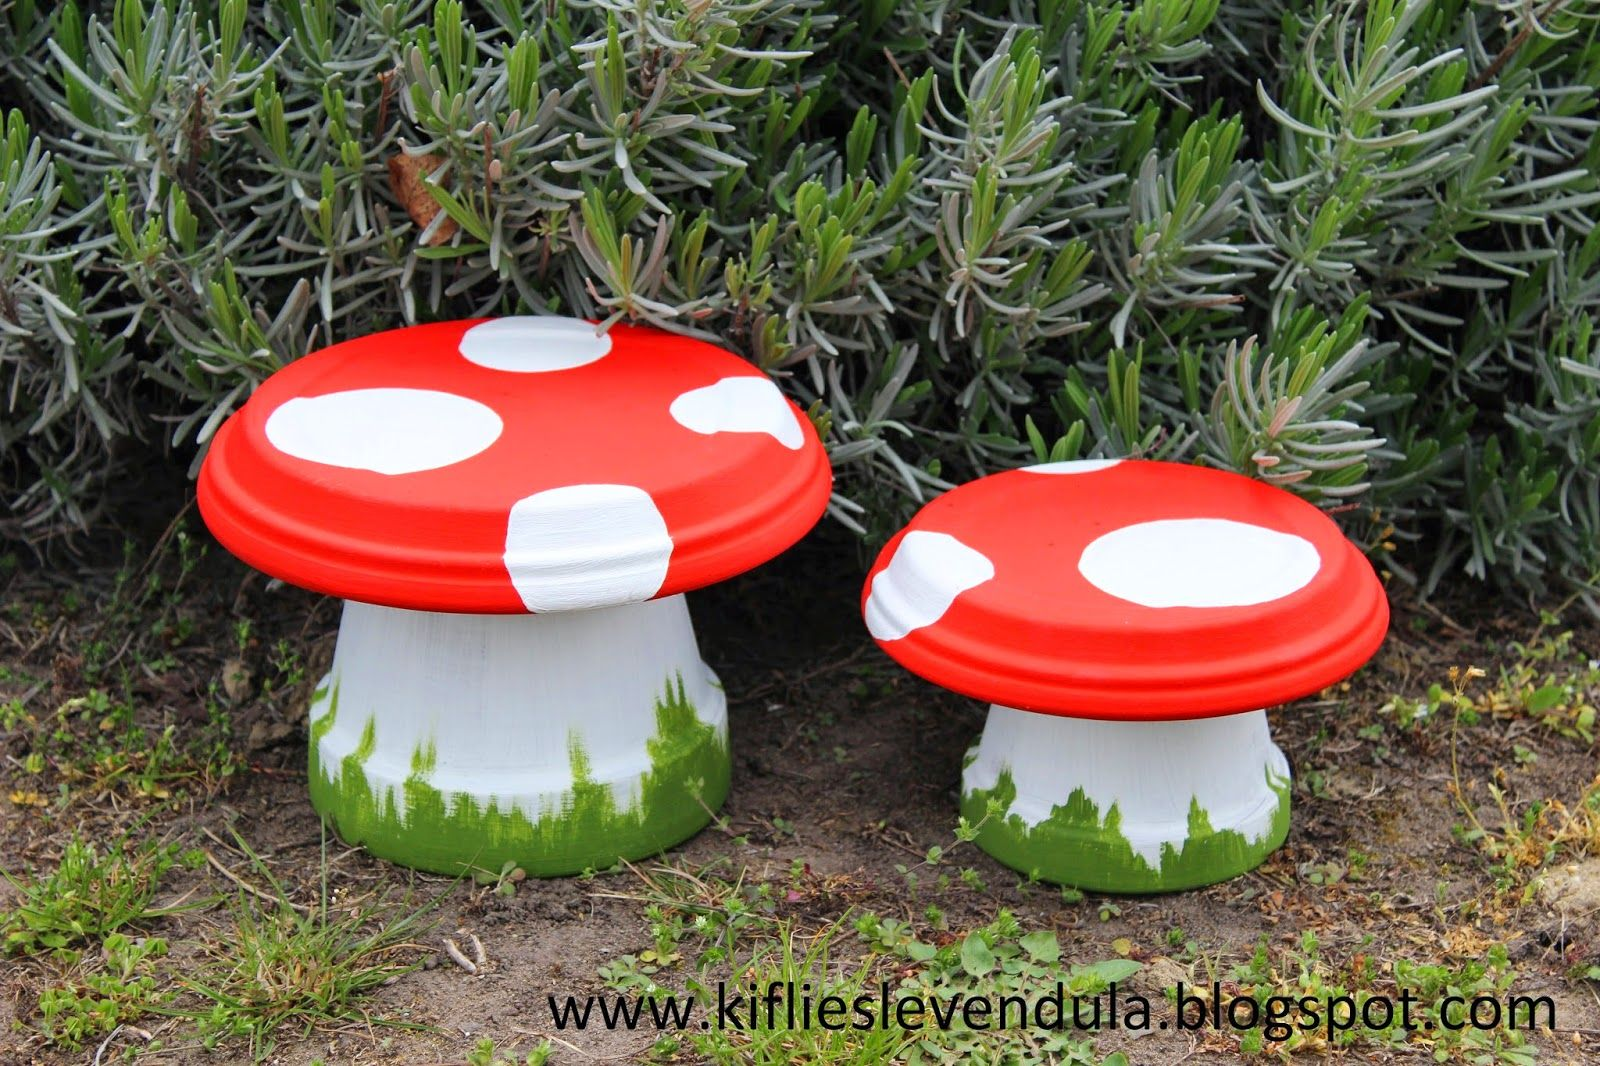 pilze aus tont pfen basteln pinterest tont pfe pilze und g rten. Black Bedroom Furniture Sets. Home Design Ideas